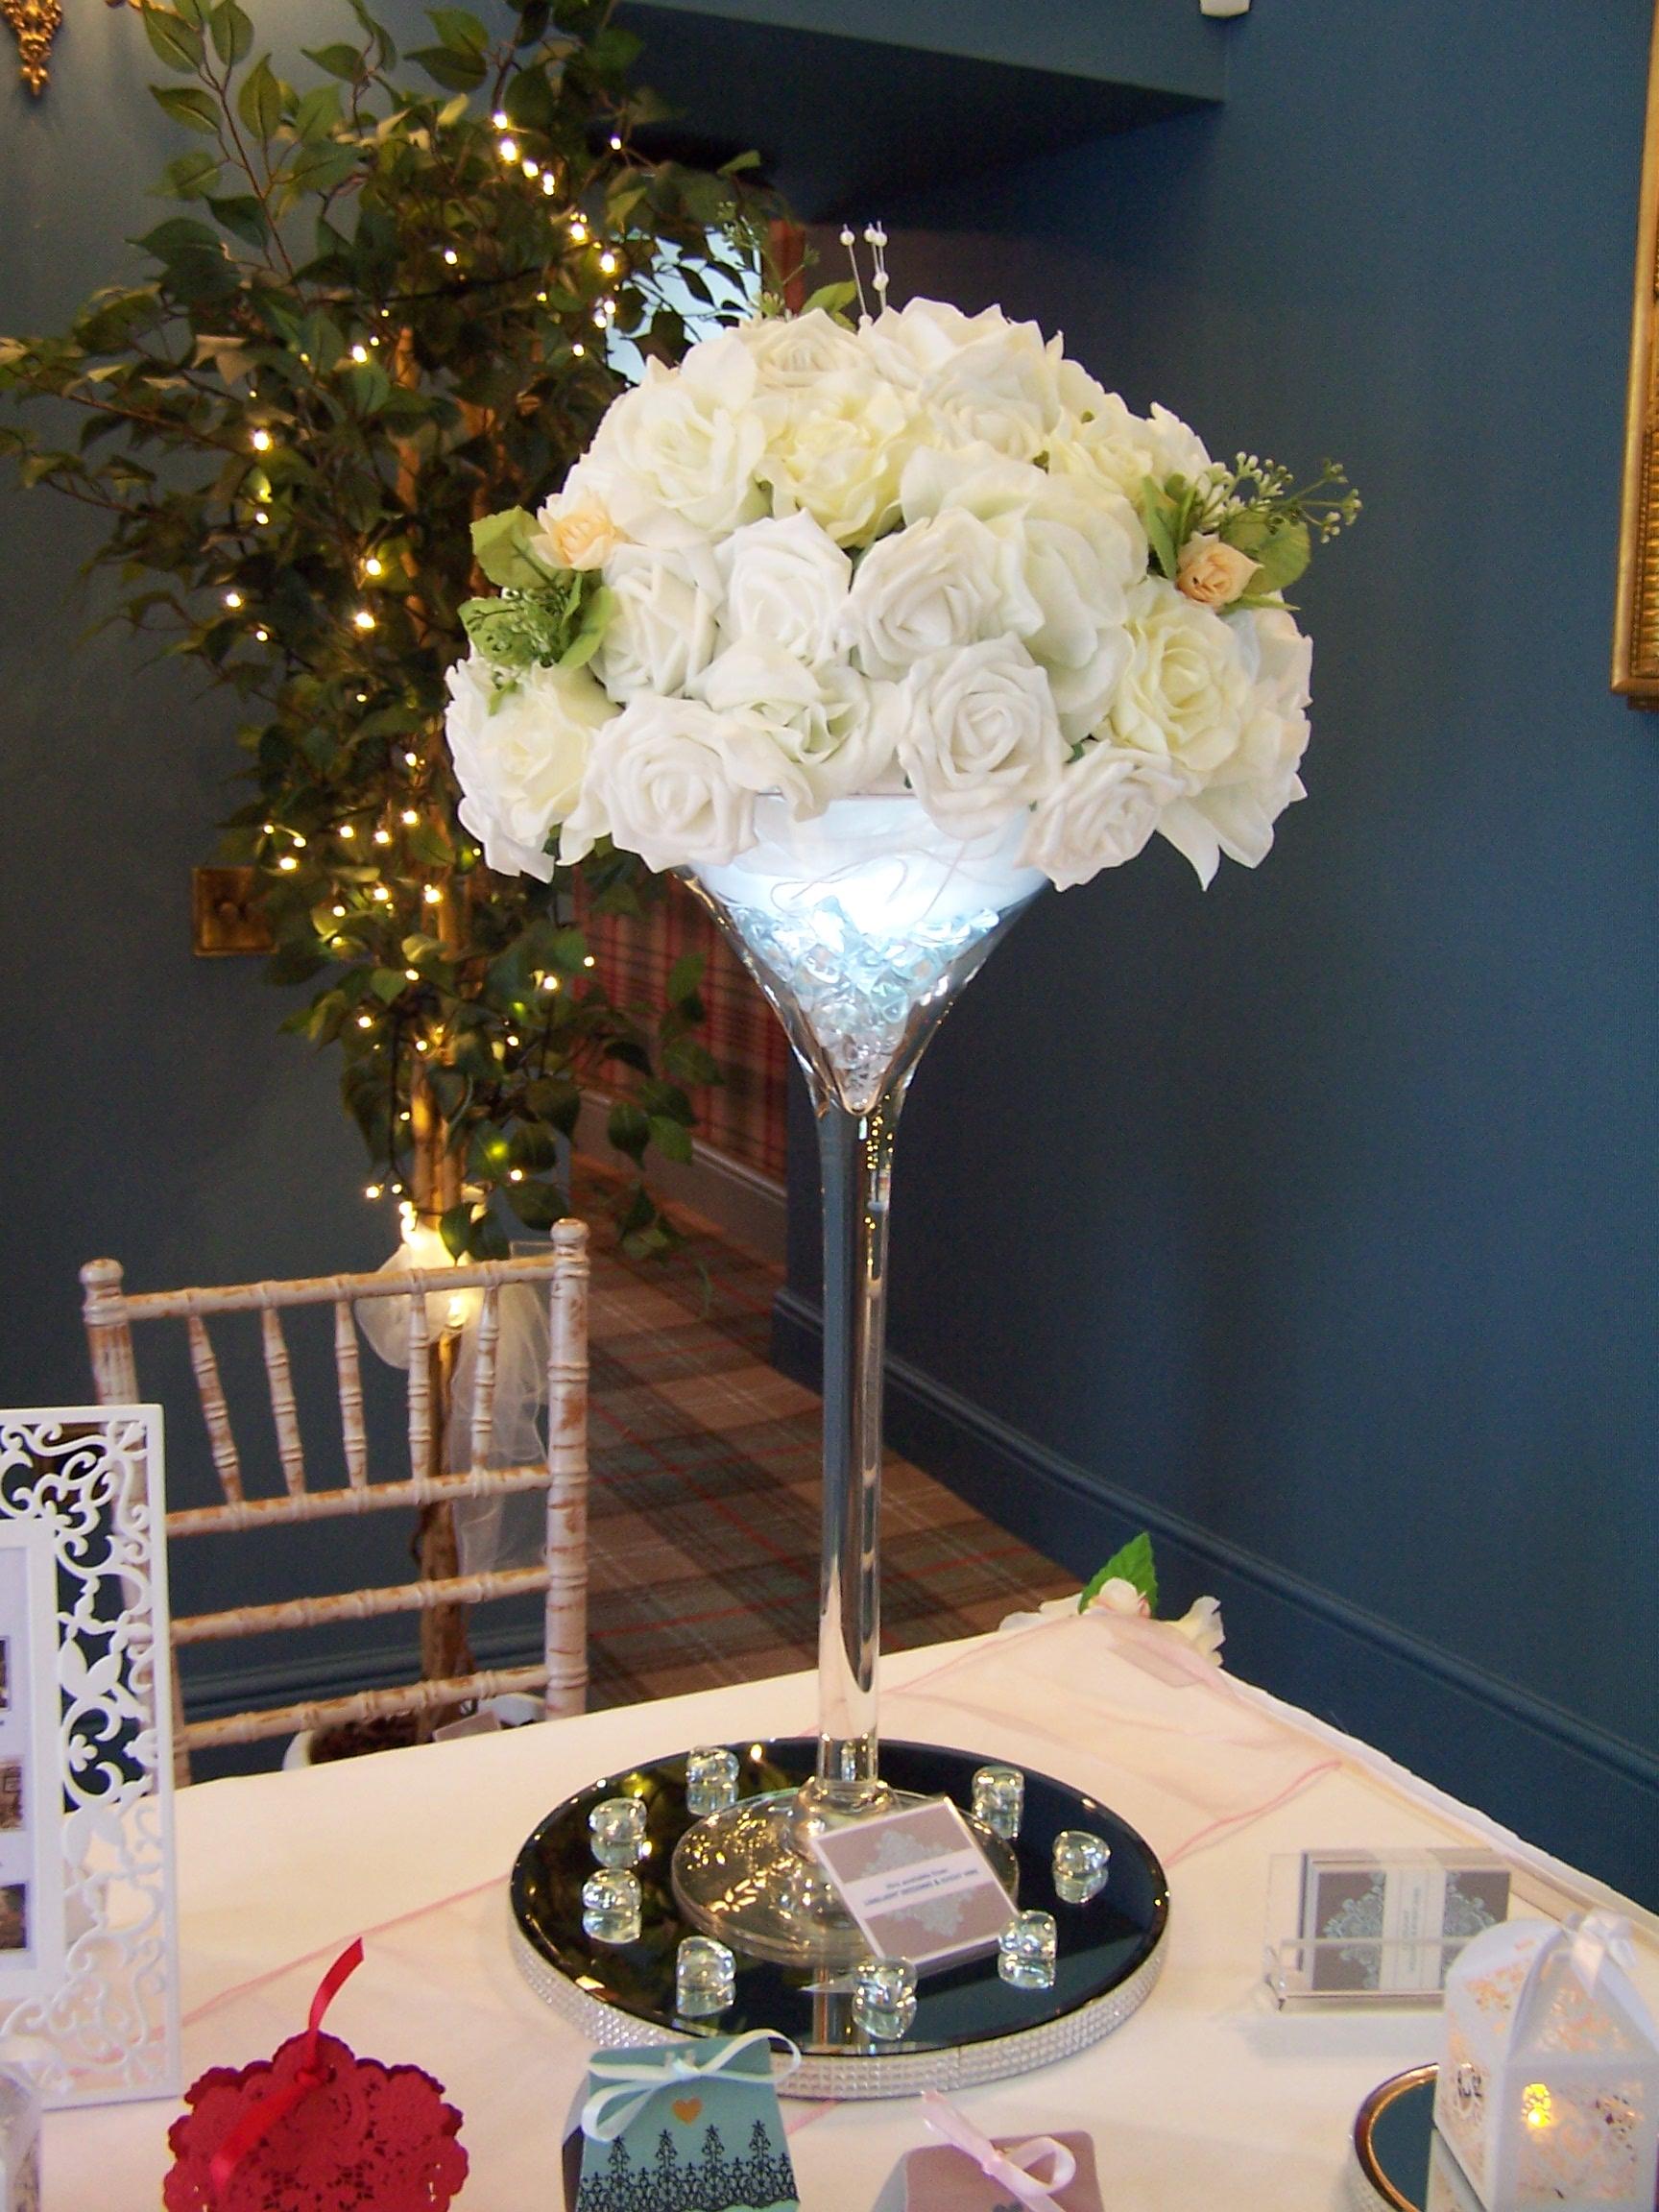 Martini Glass Table Centre